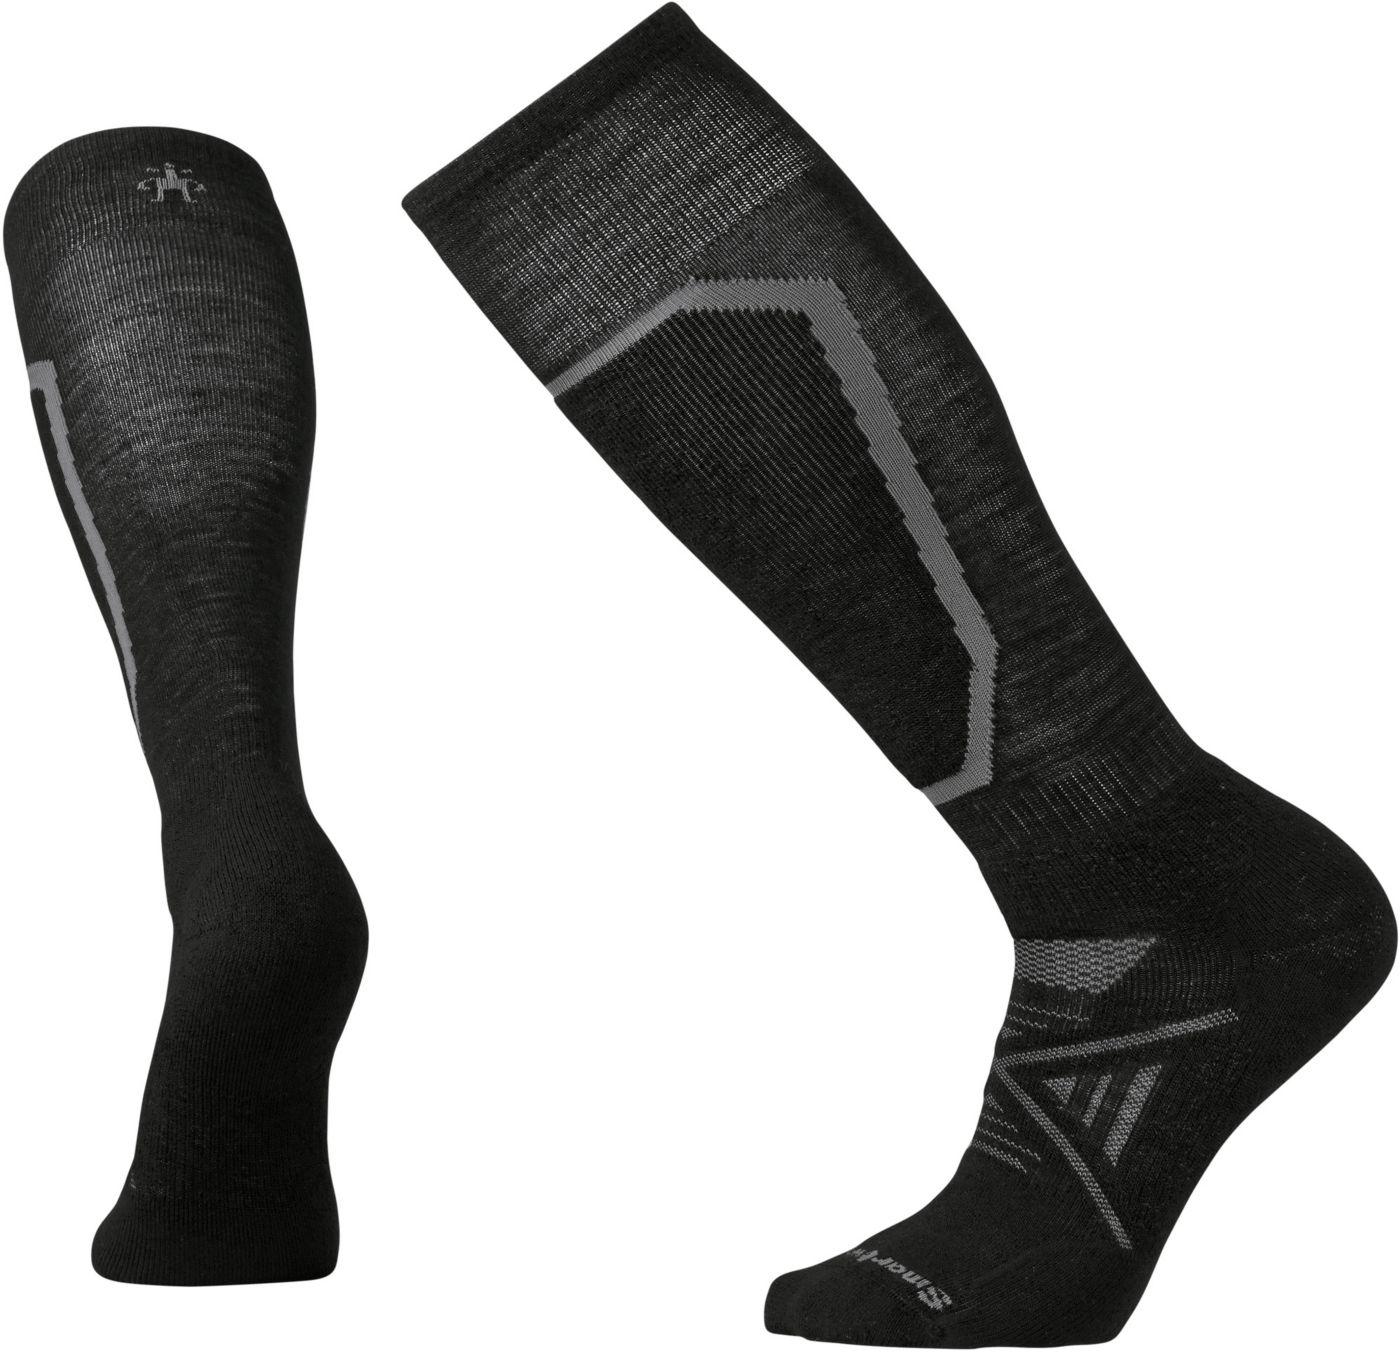 Smartwool Adult PhD Ski Medium Socks